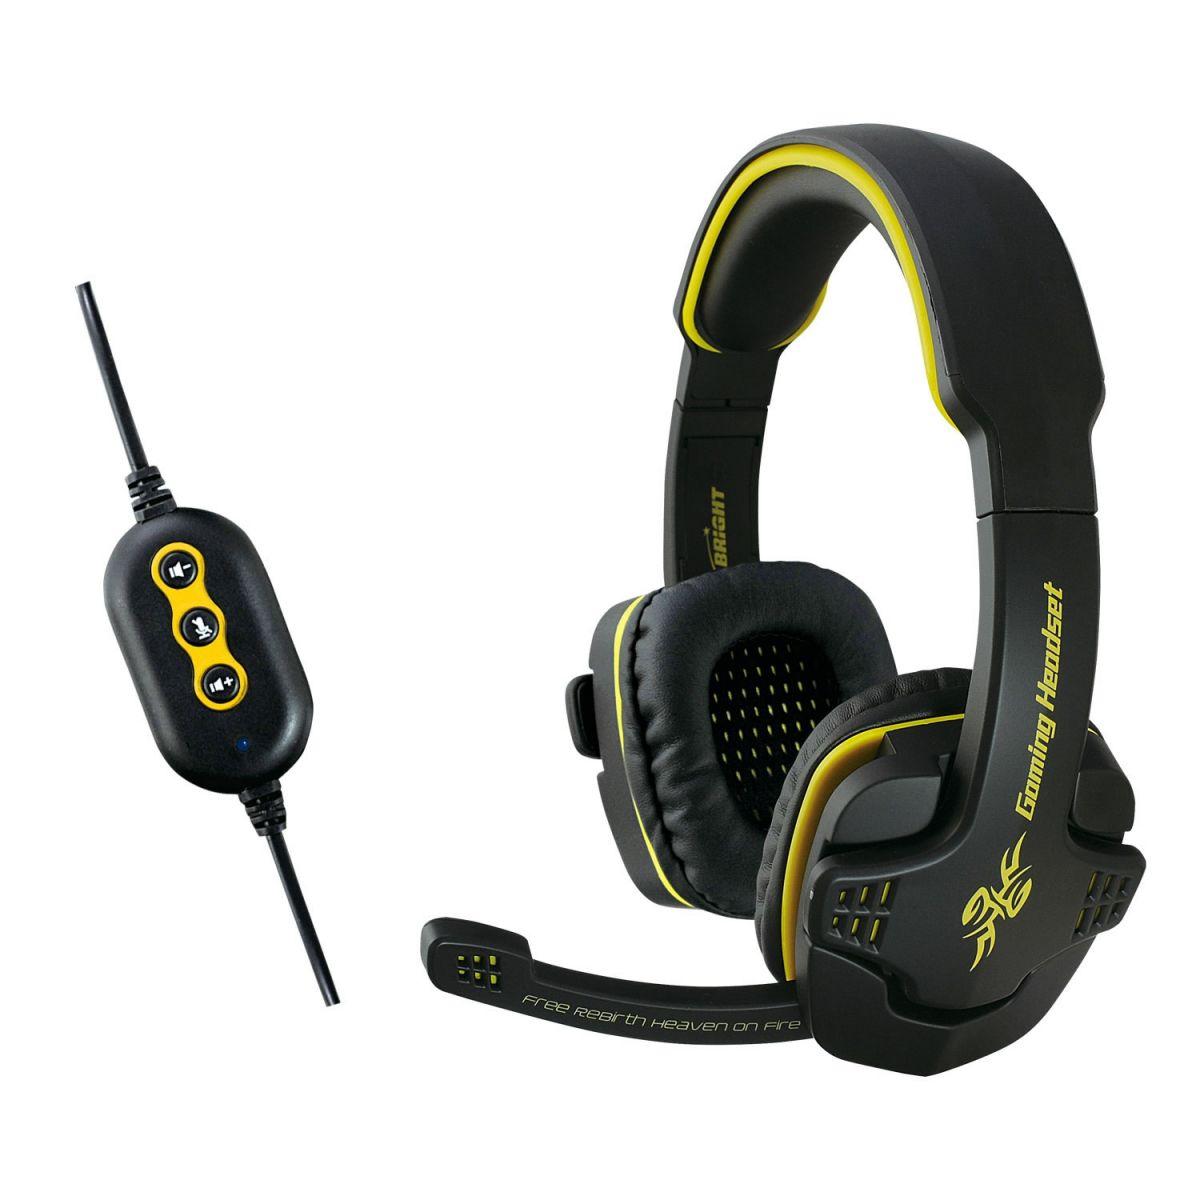 Fone de Ouvido Headset Gamer 7.1 Conexão Usb Bright 0354